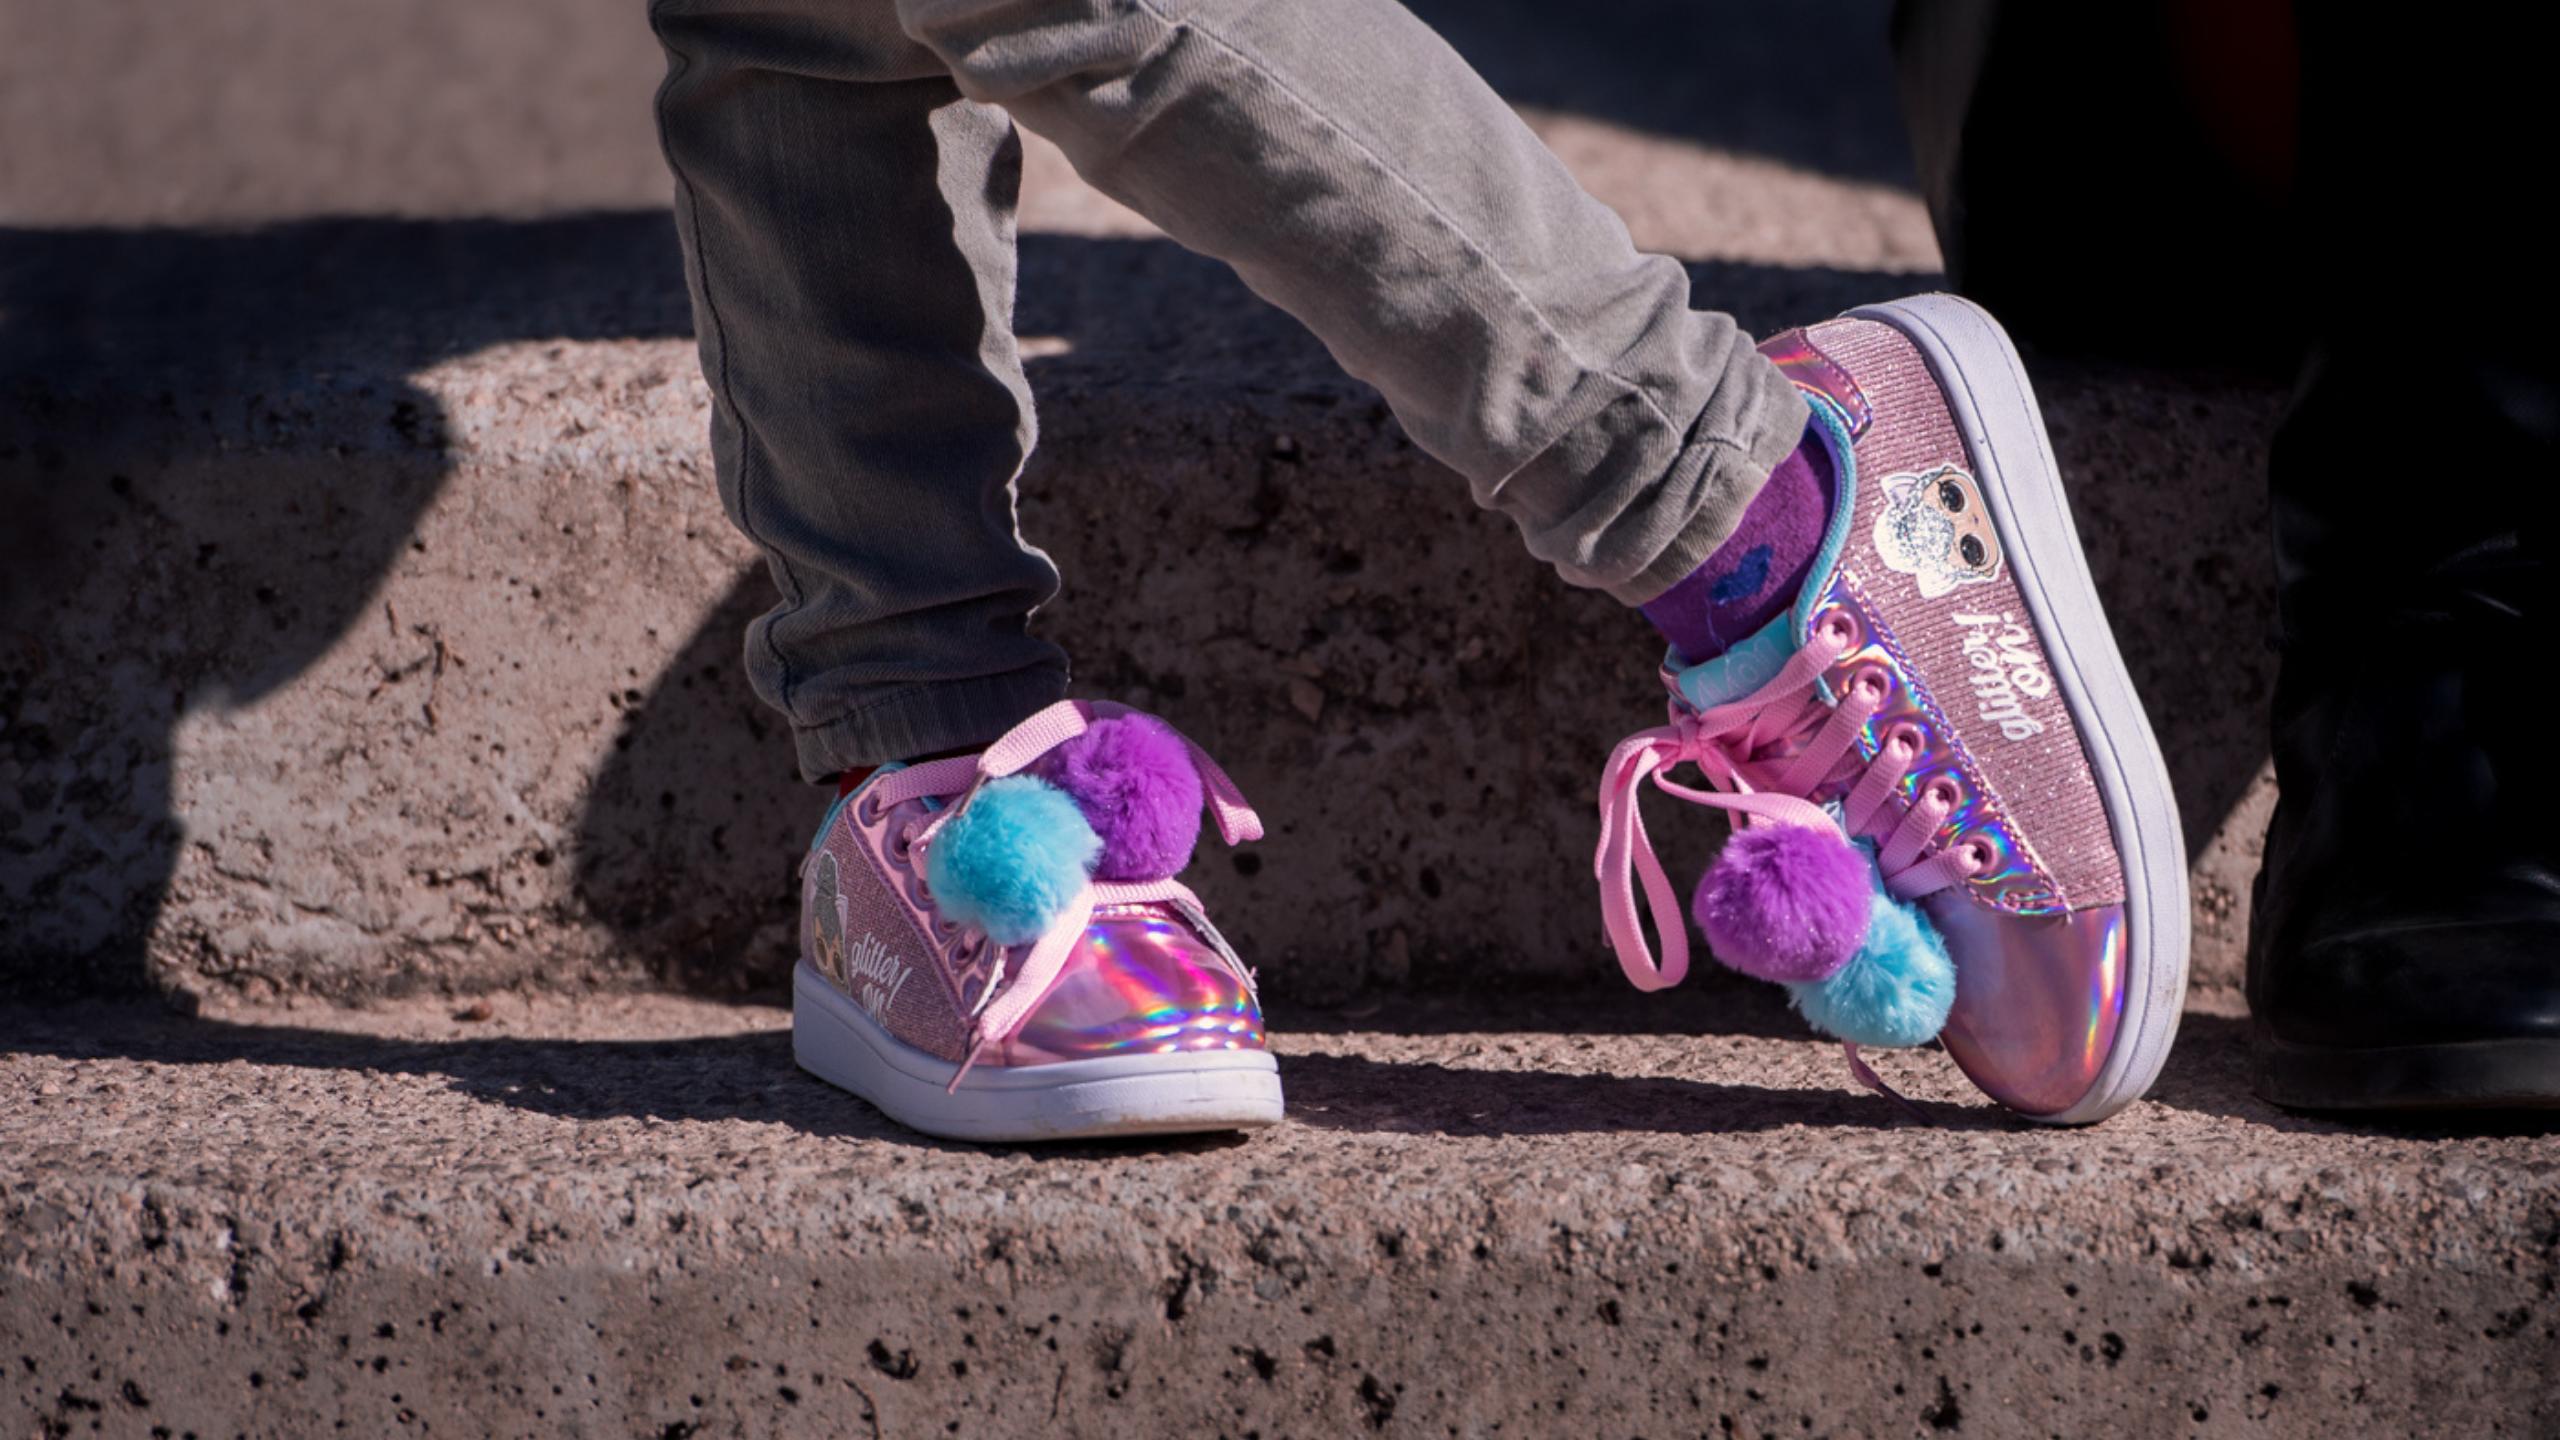 Calzado infantil para la vuelta al cole ¡los zapatos que les acompañan en todas sus aventuras!